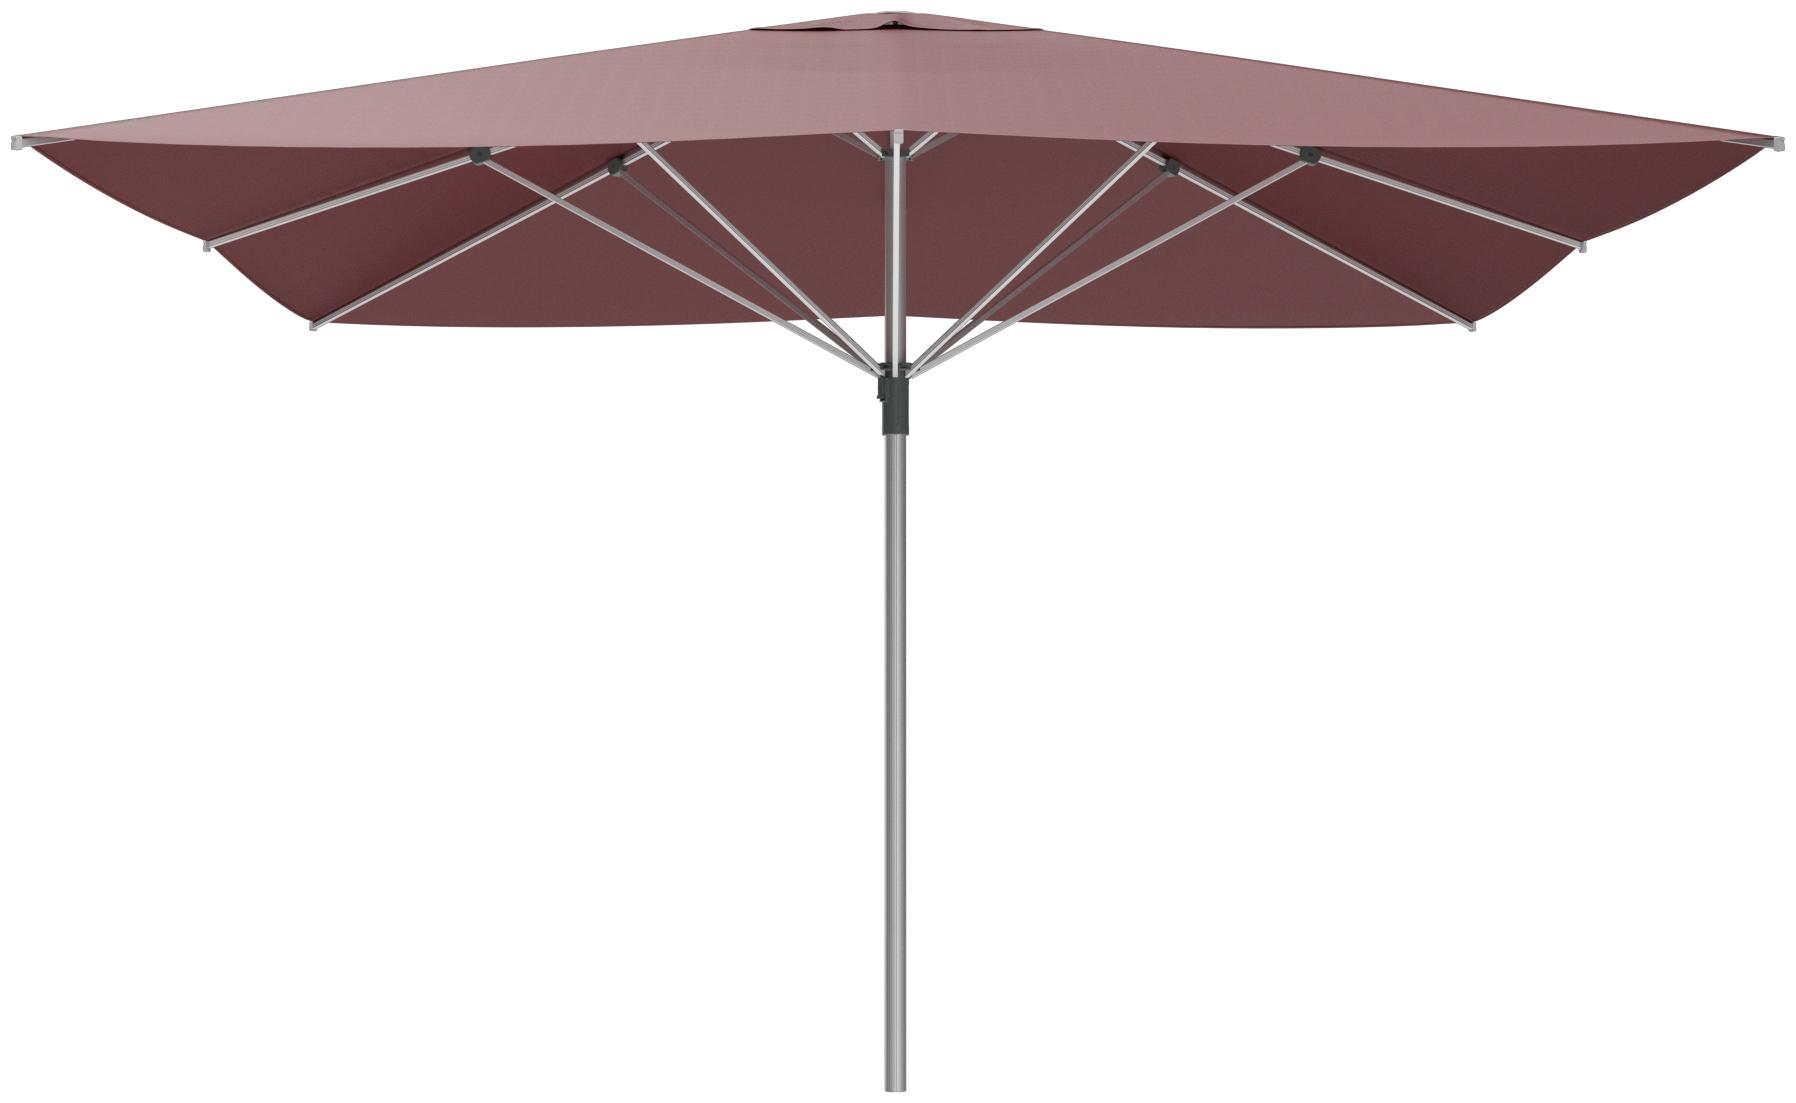 Abbildung Schirm Nerida Vorderansicht